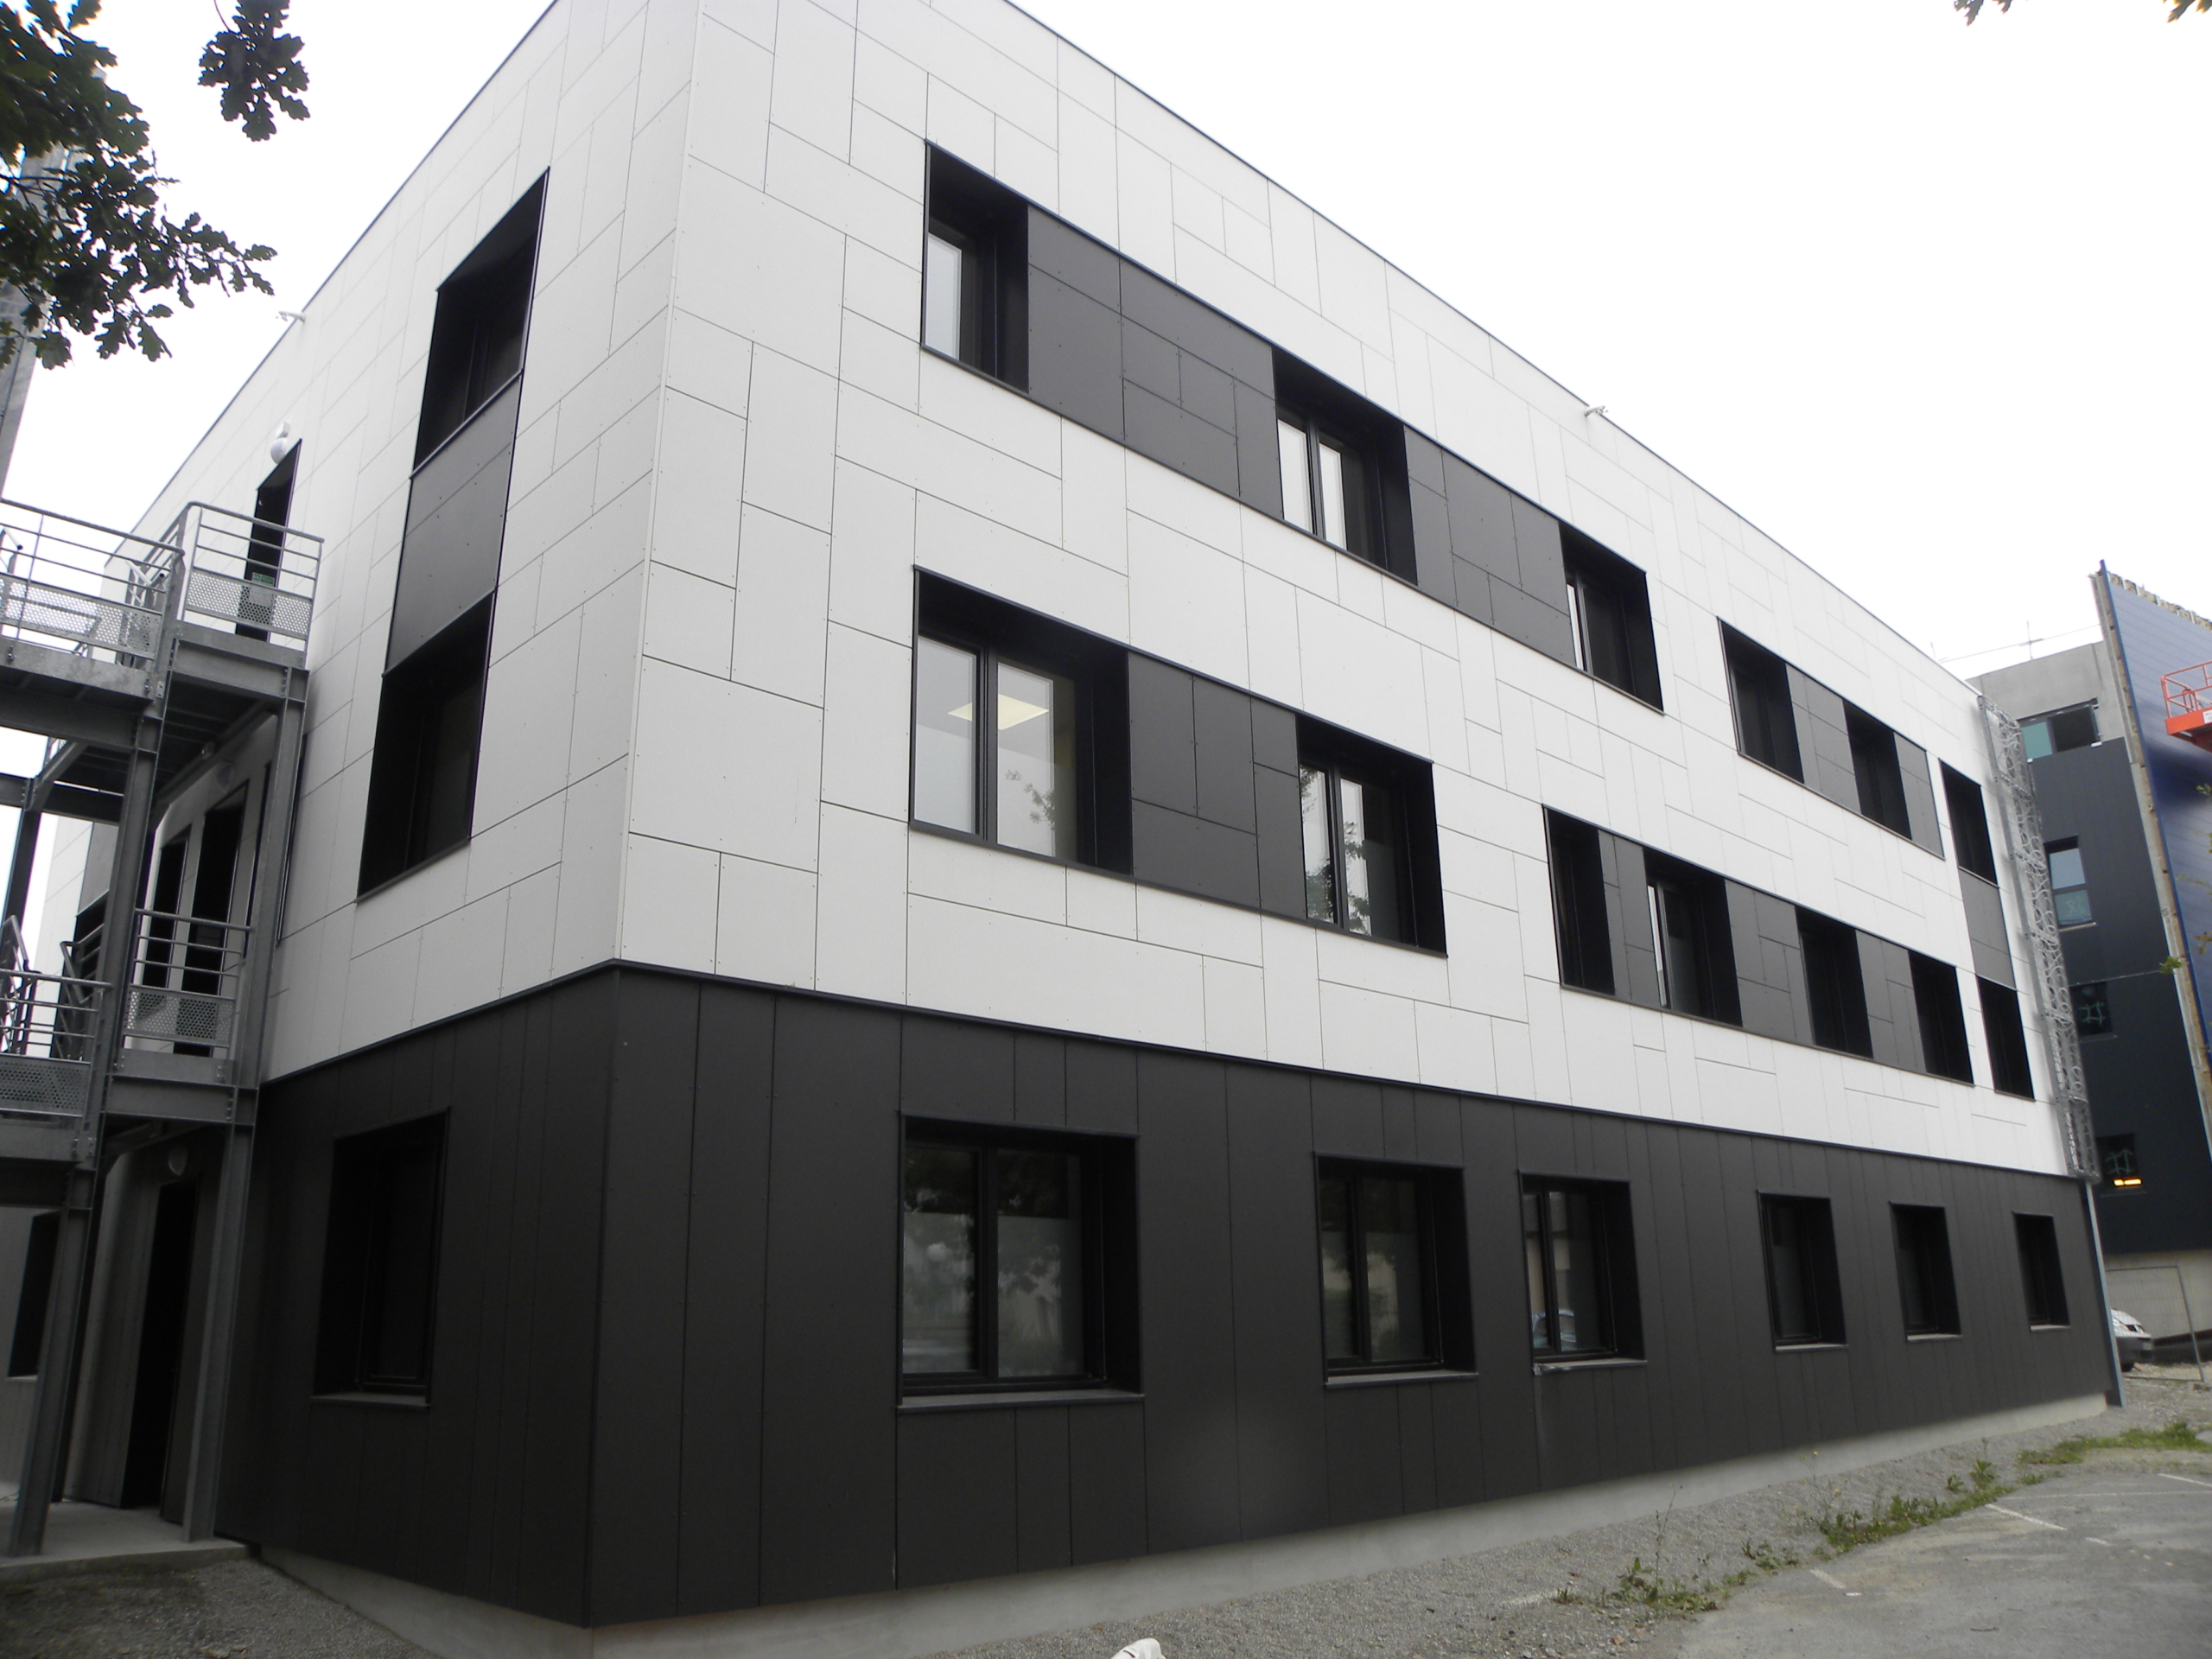 Maison de santé de Vern-sur-Seiche (35) - panneaux fibrociment TECTIVA blanc et NATURA noir